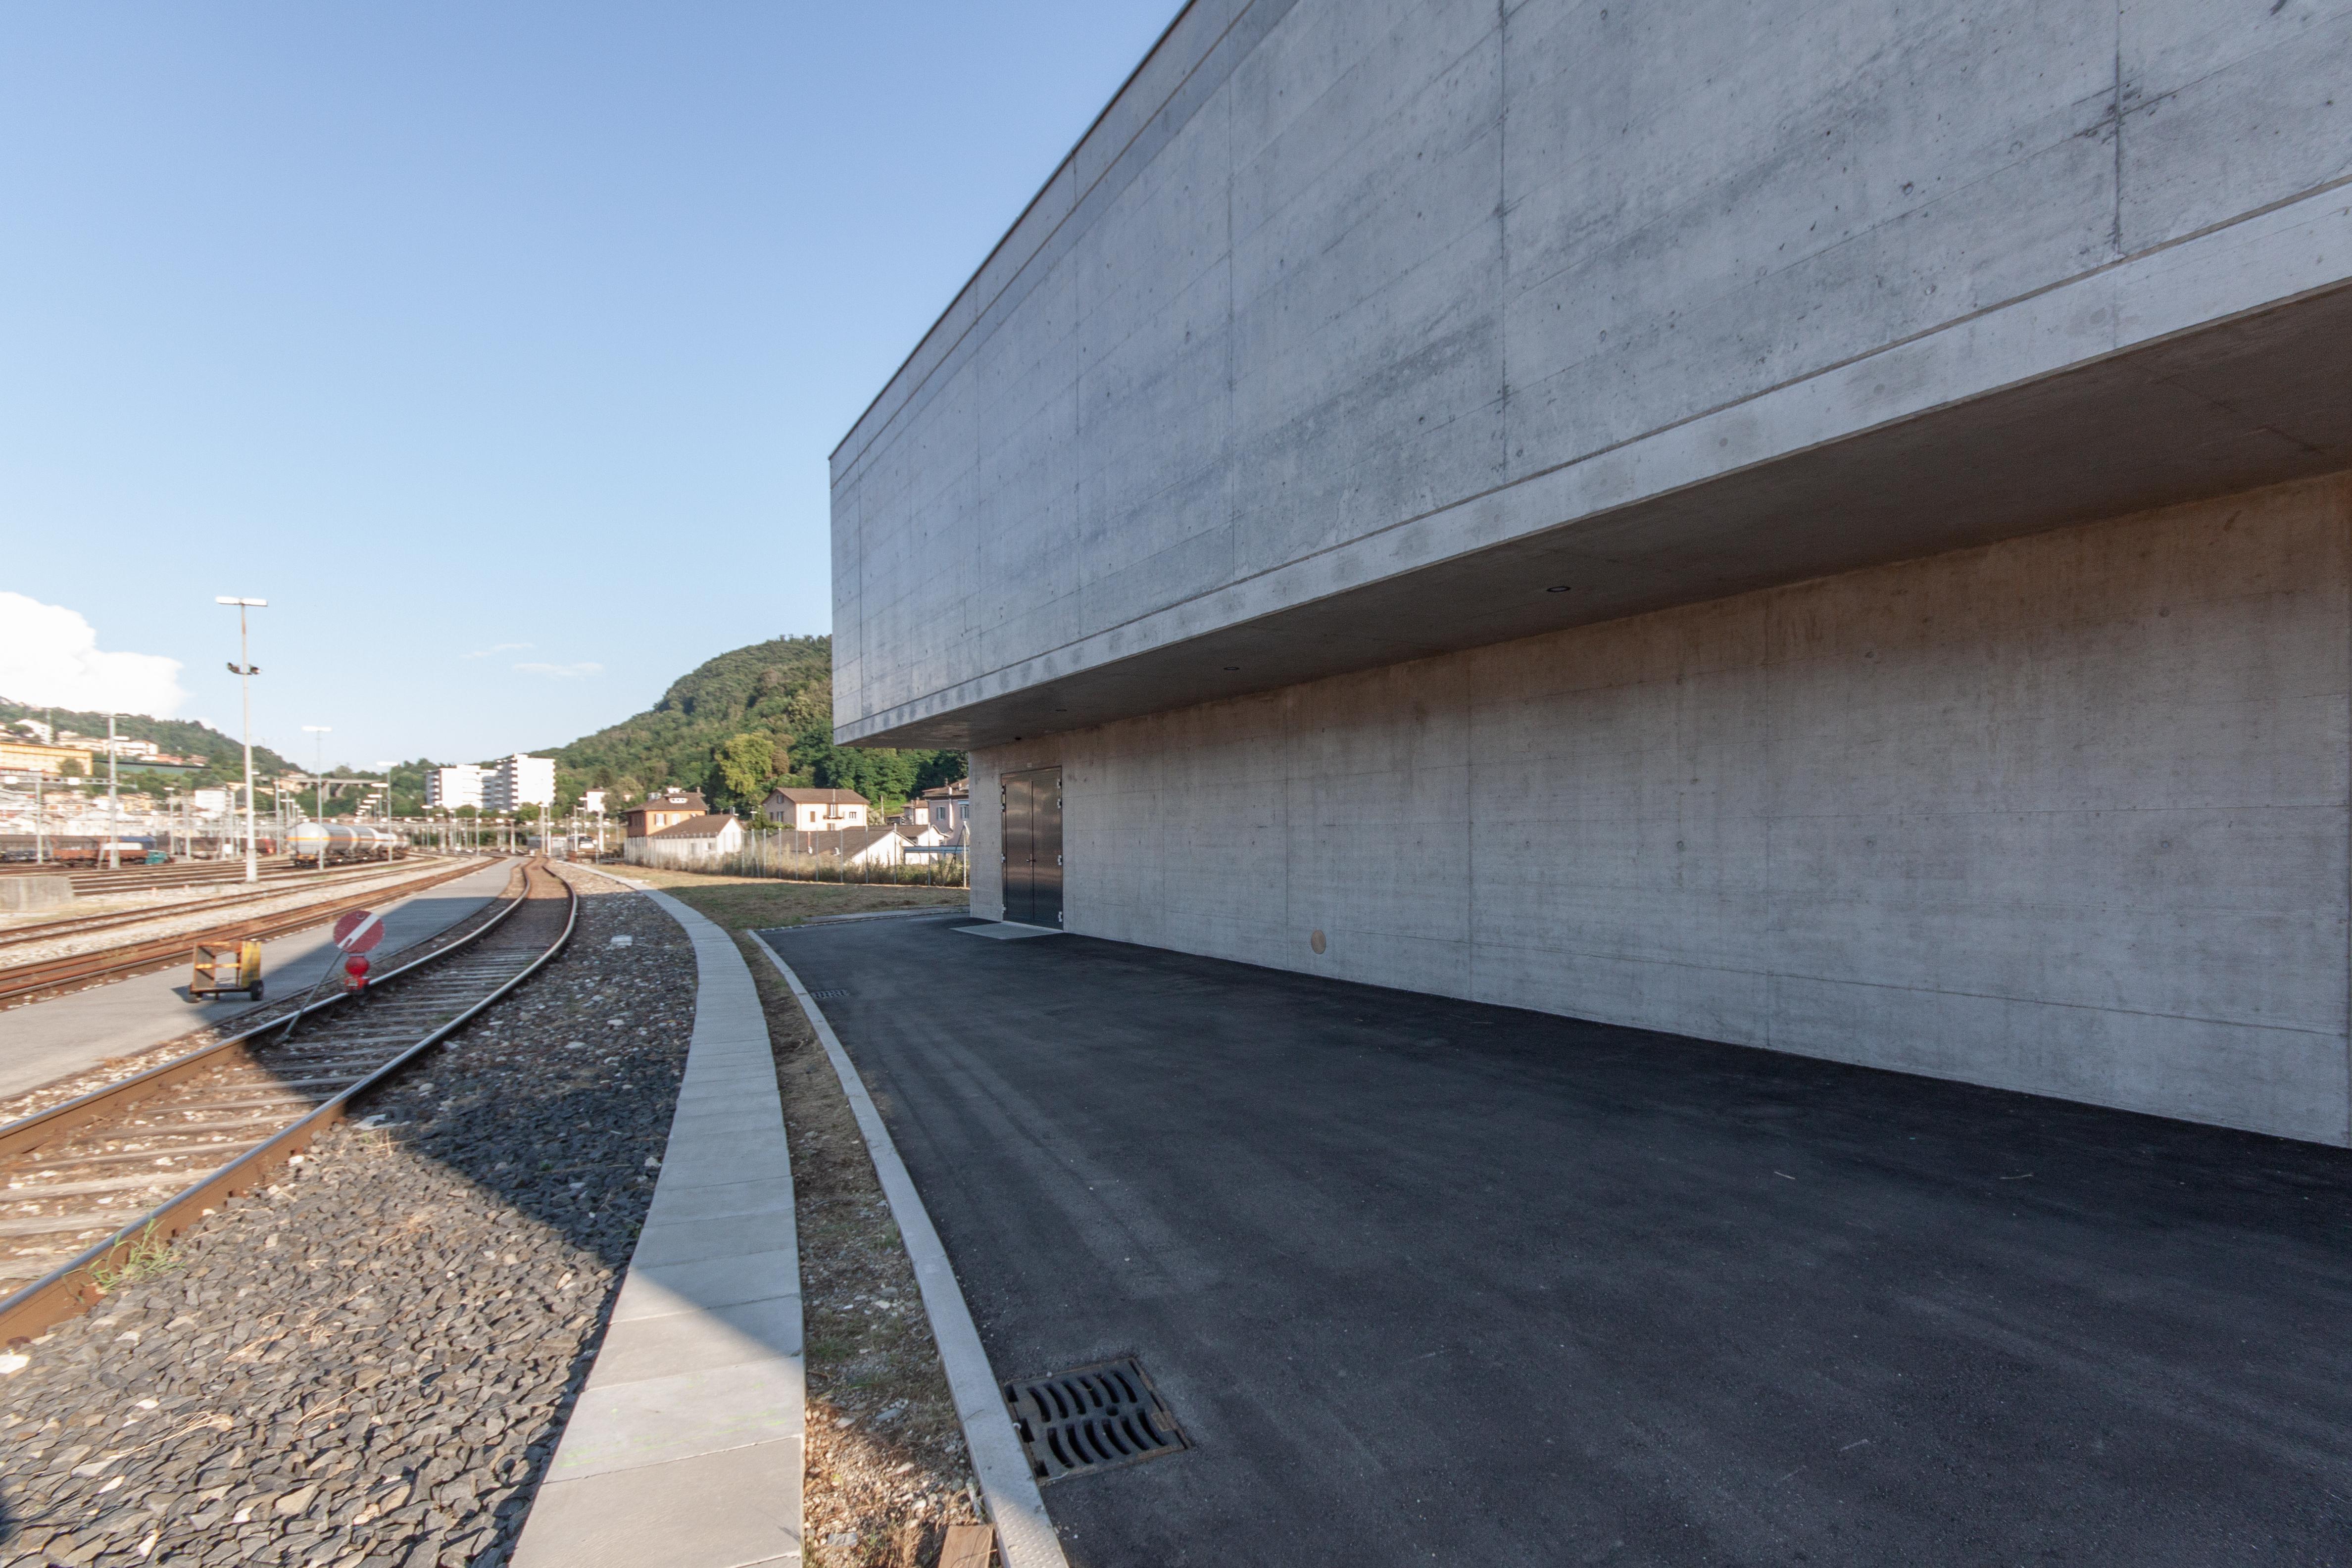 Bahntechnikgebäude 6830 Chiasso-0891